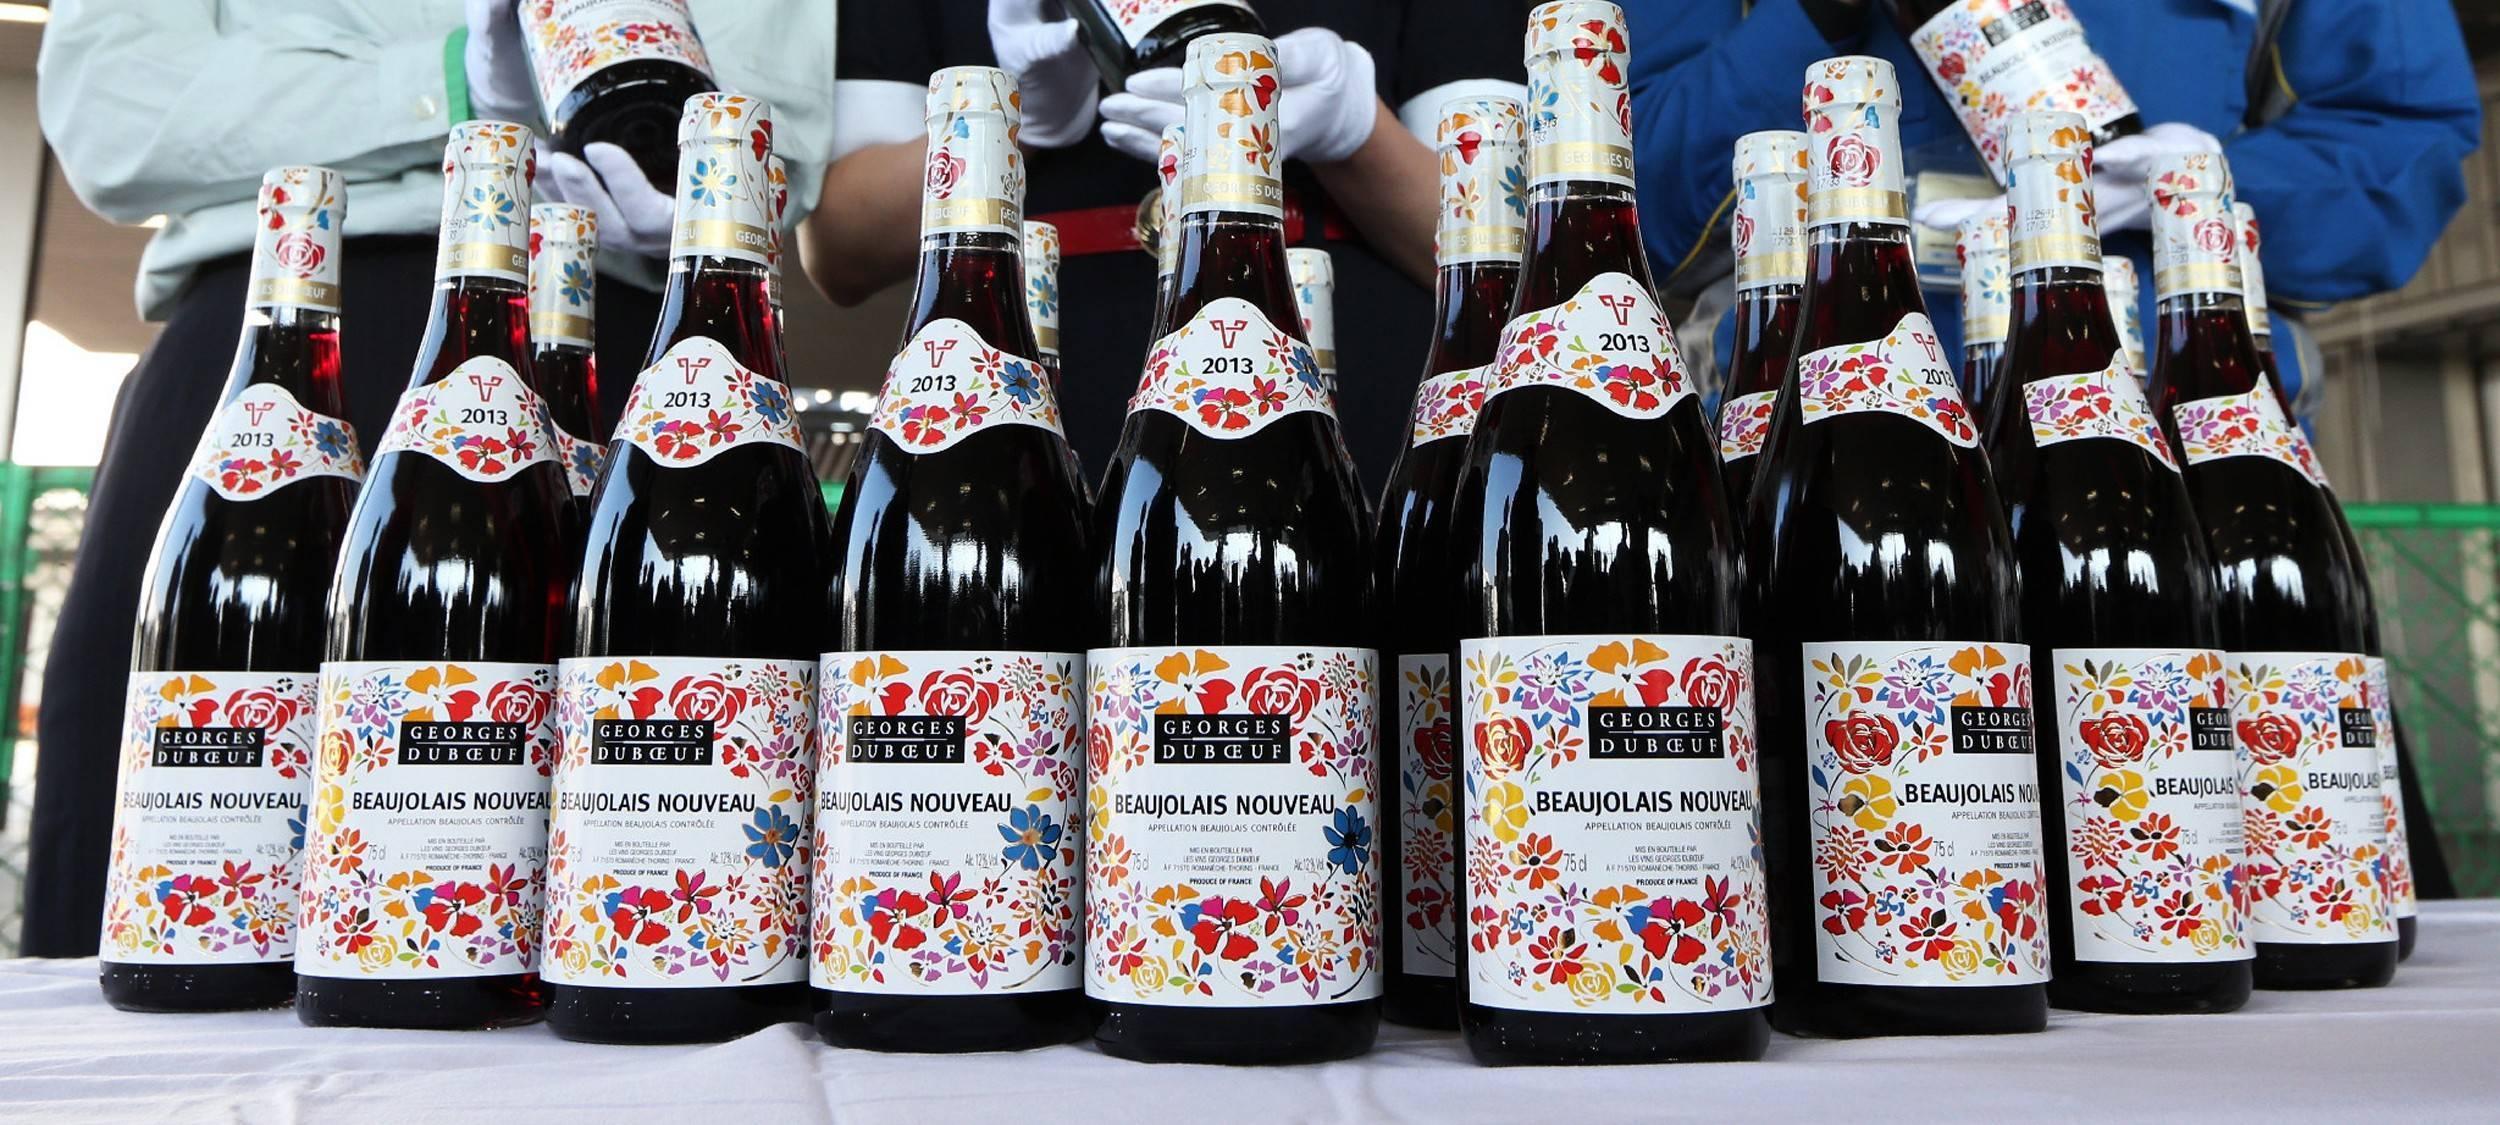 Праздник молодого вина beaujolais nouveau во франции (информация, фото)